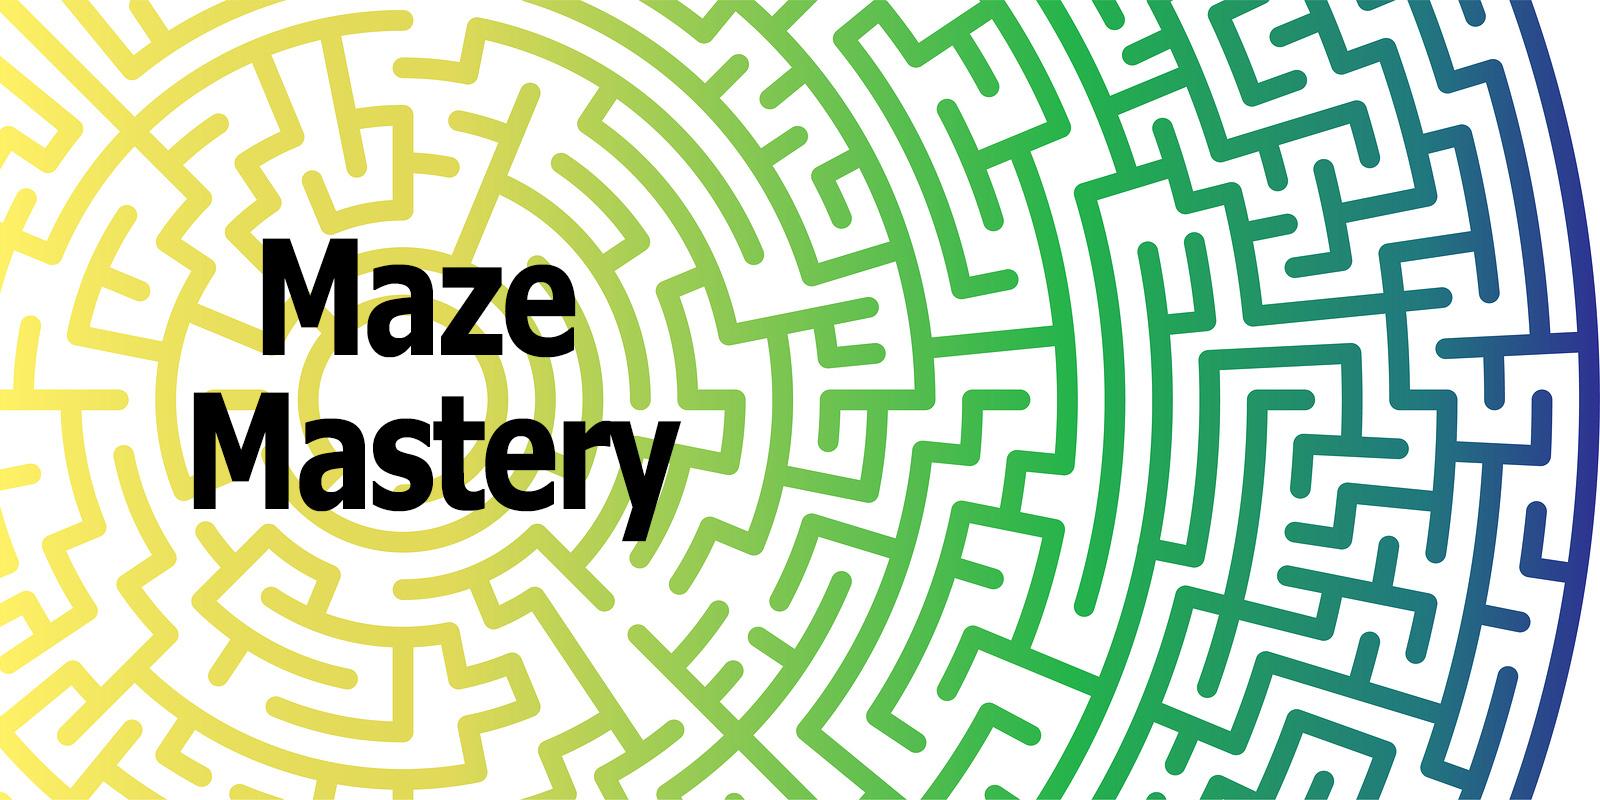 Maze Mastery